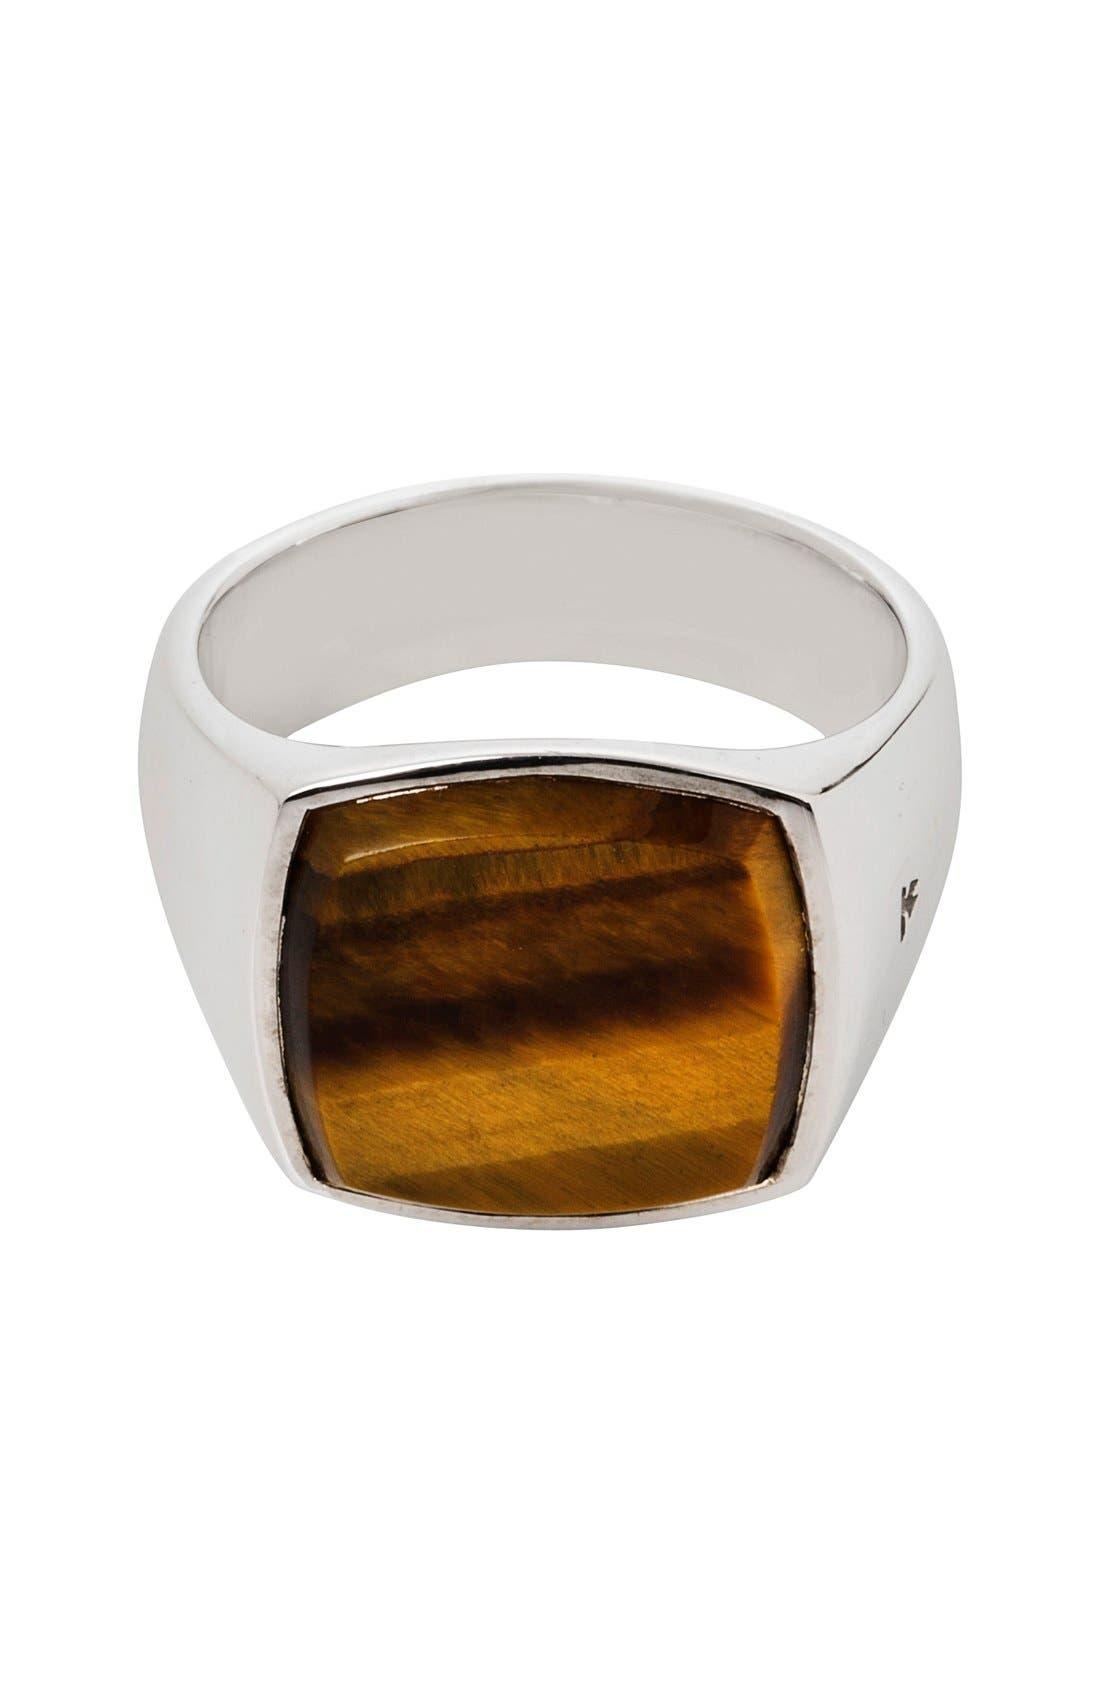 Cushion Tiger's Eye Signet Ring,                             Main thumbnail 1, color,                             Silver